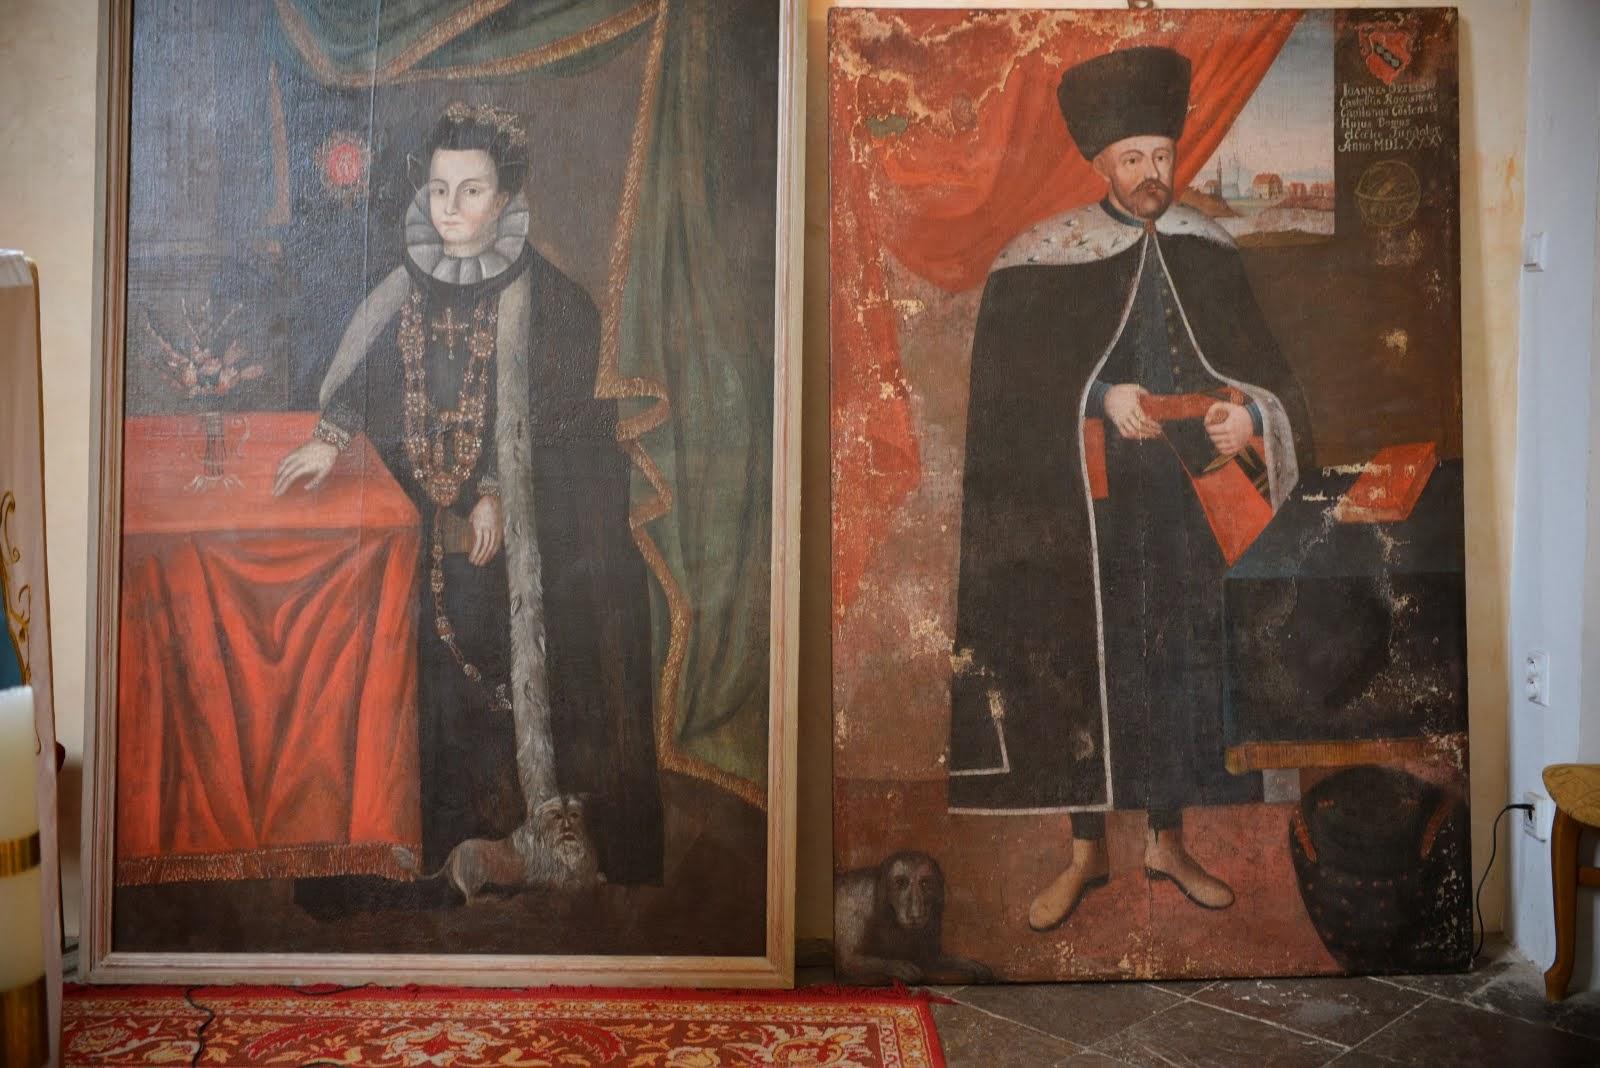 Obrazy Jana i Elżbiety Orzelskiech - fundatorów naszego kościoła